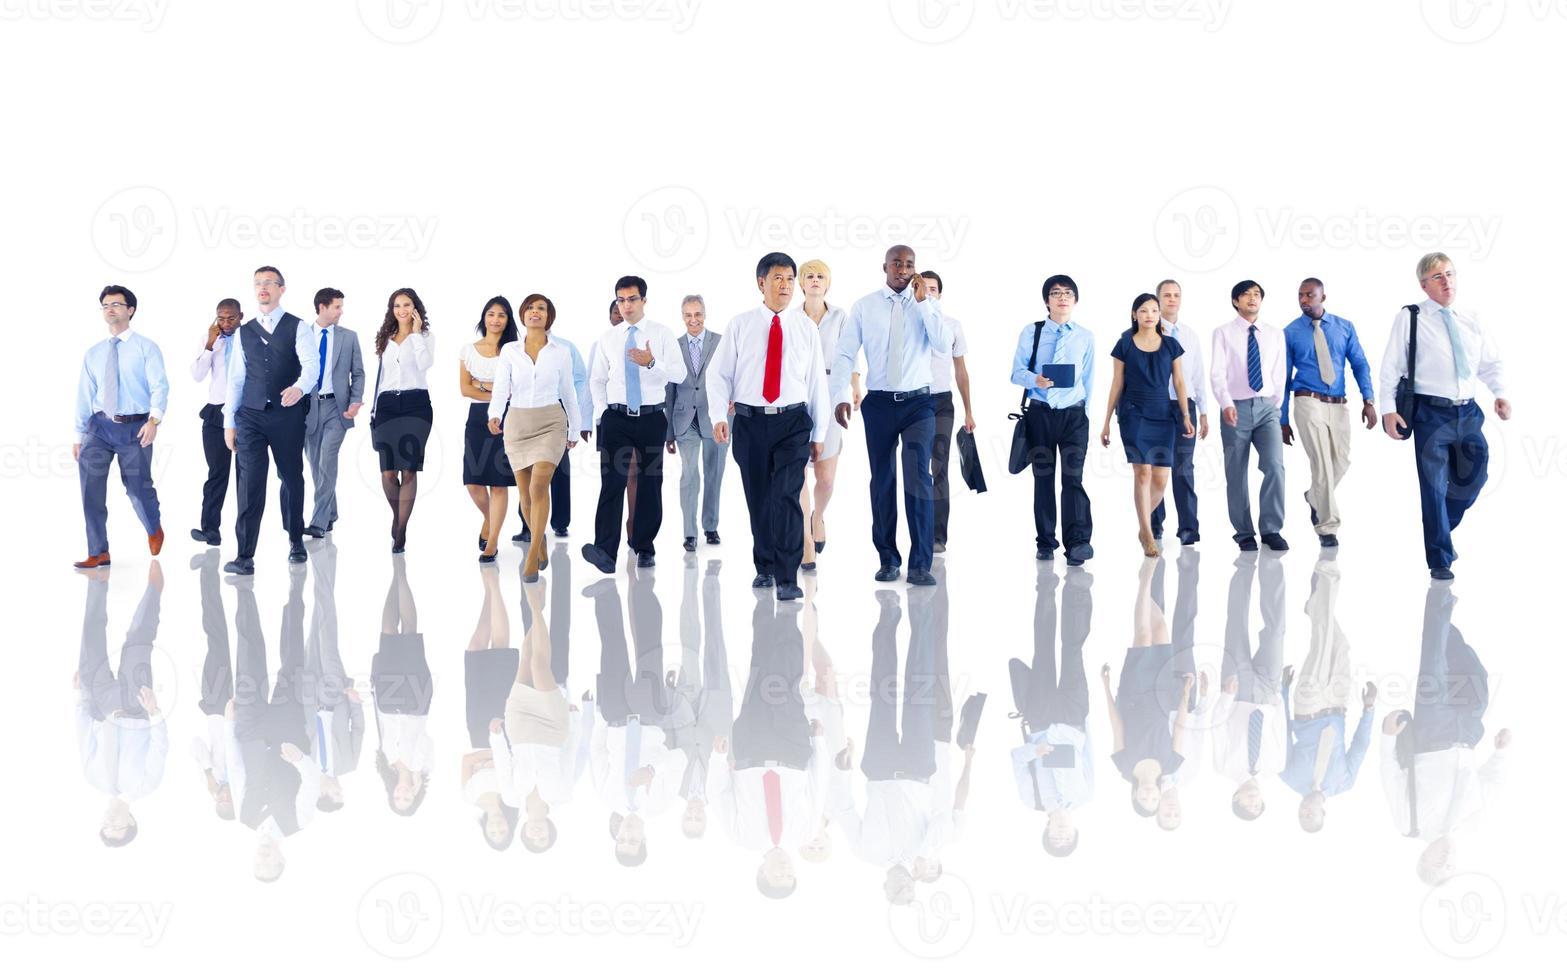 verschiedene Geschäftsleute arbeiten und gehen foto